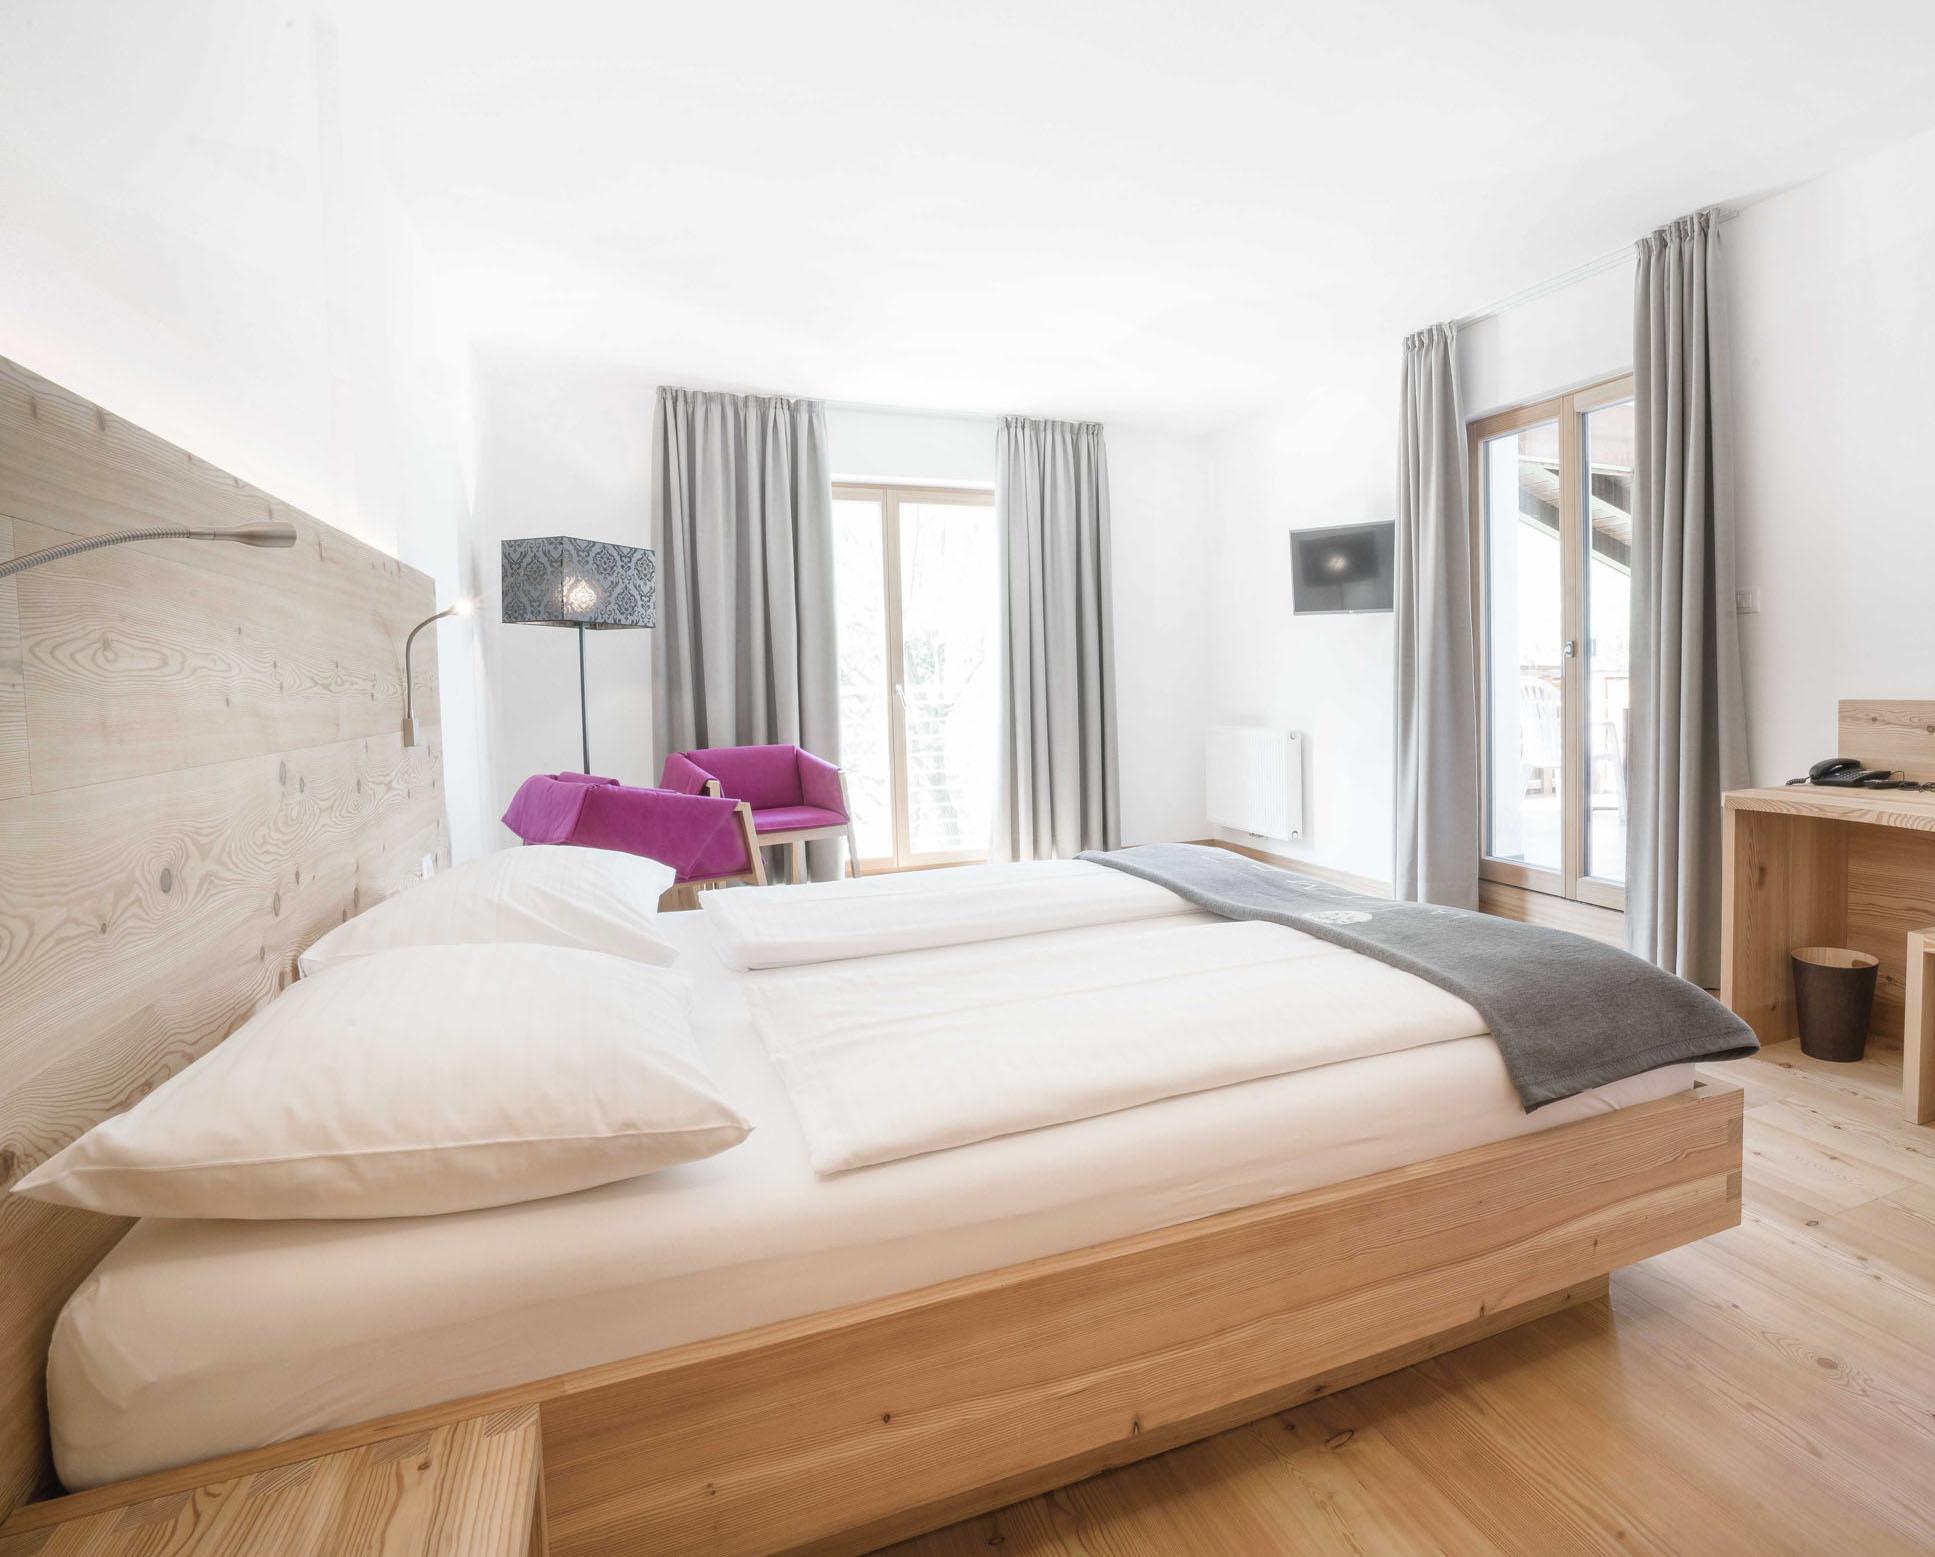 Room at LA VIMEA